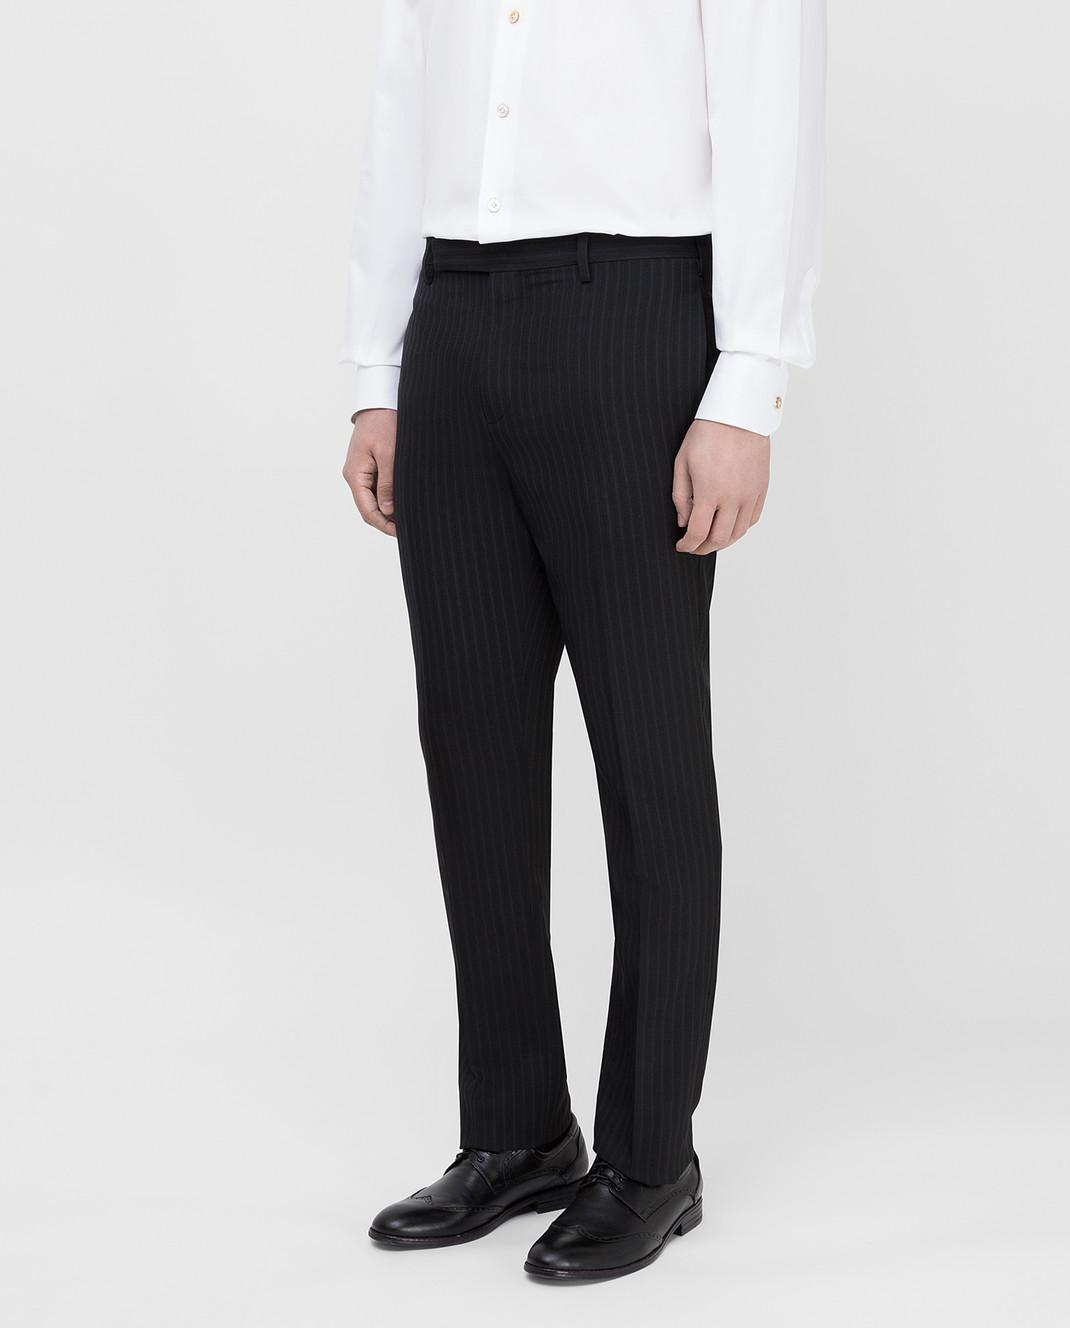 Saint Laurent Черные брюки 552560 изображение 3